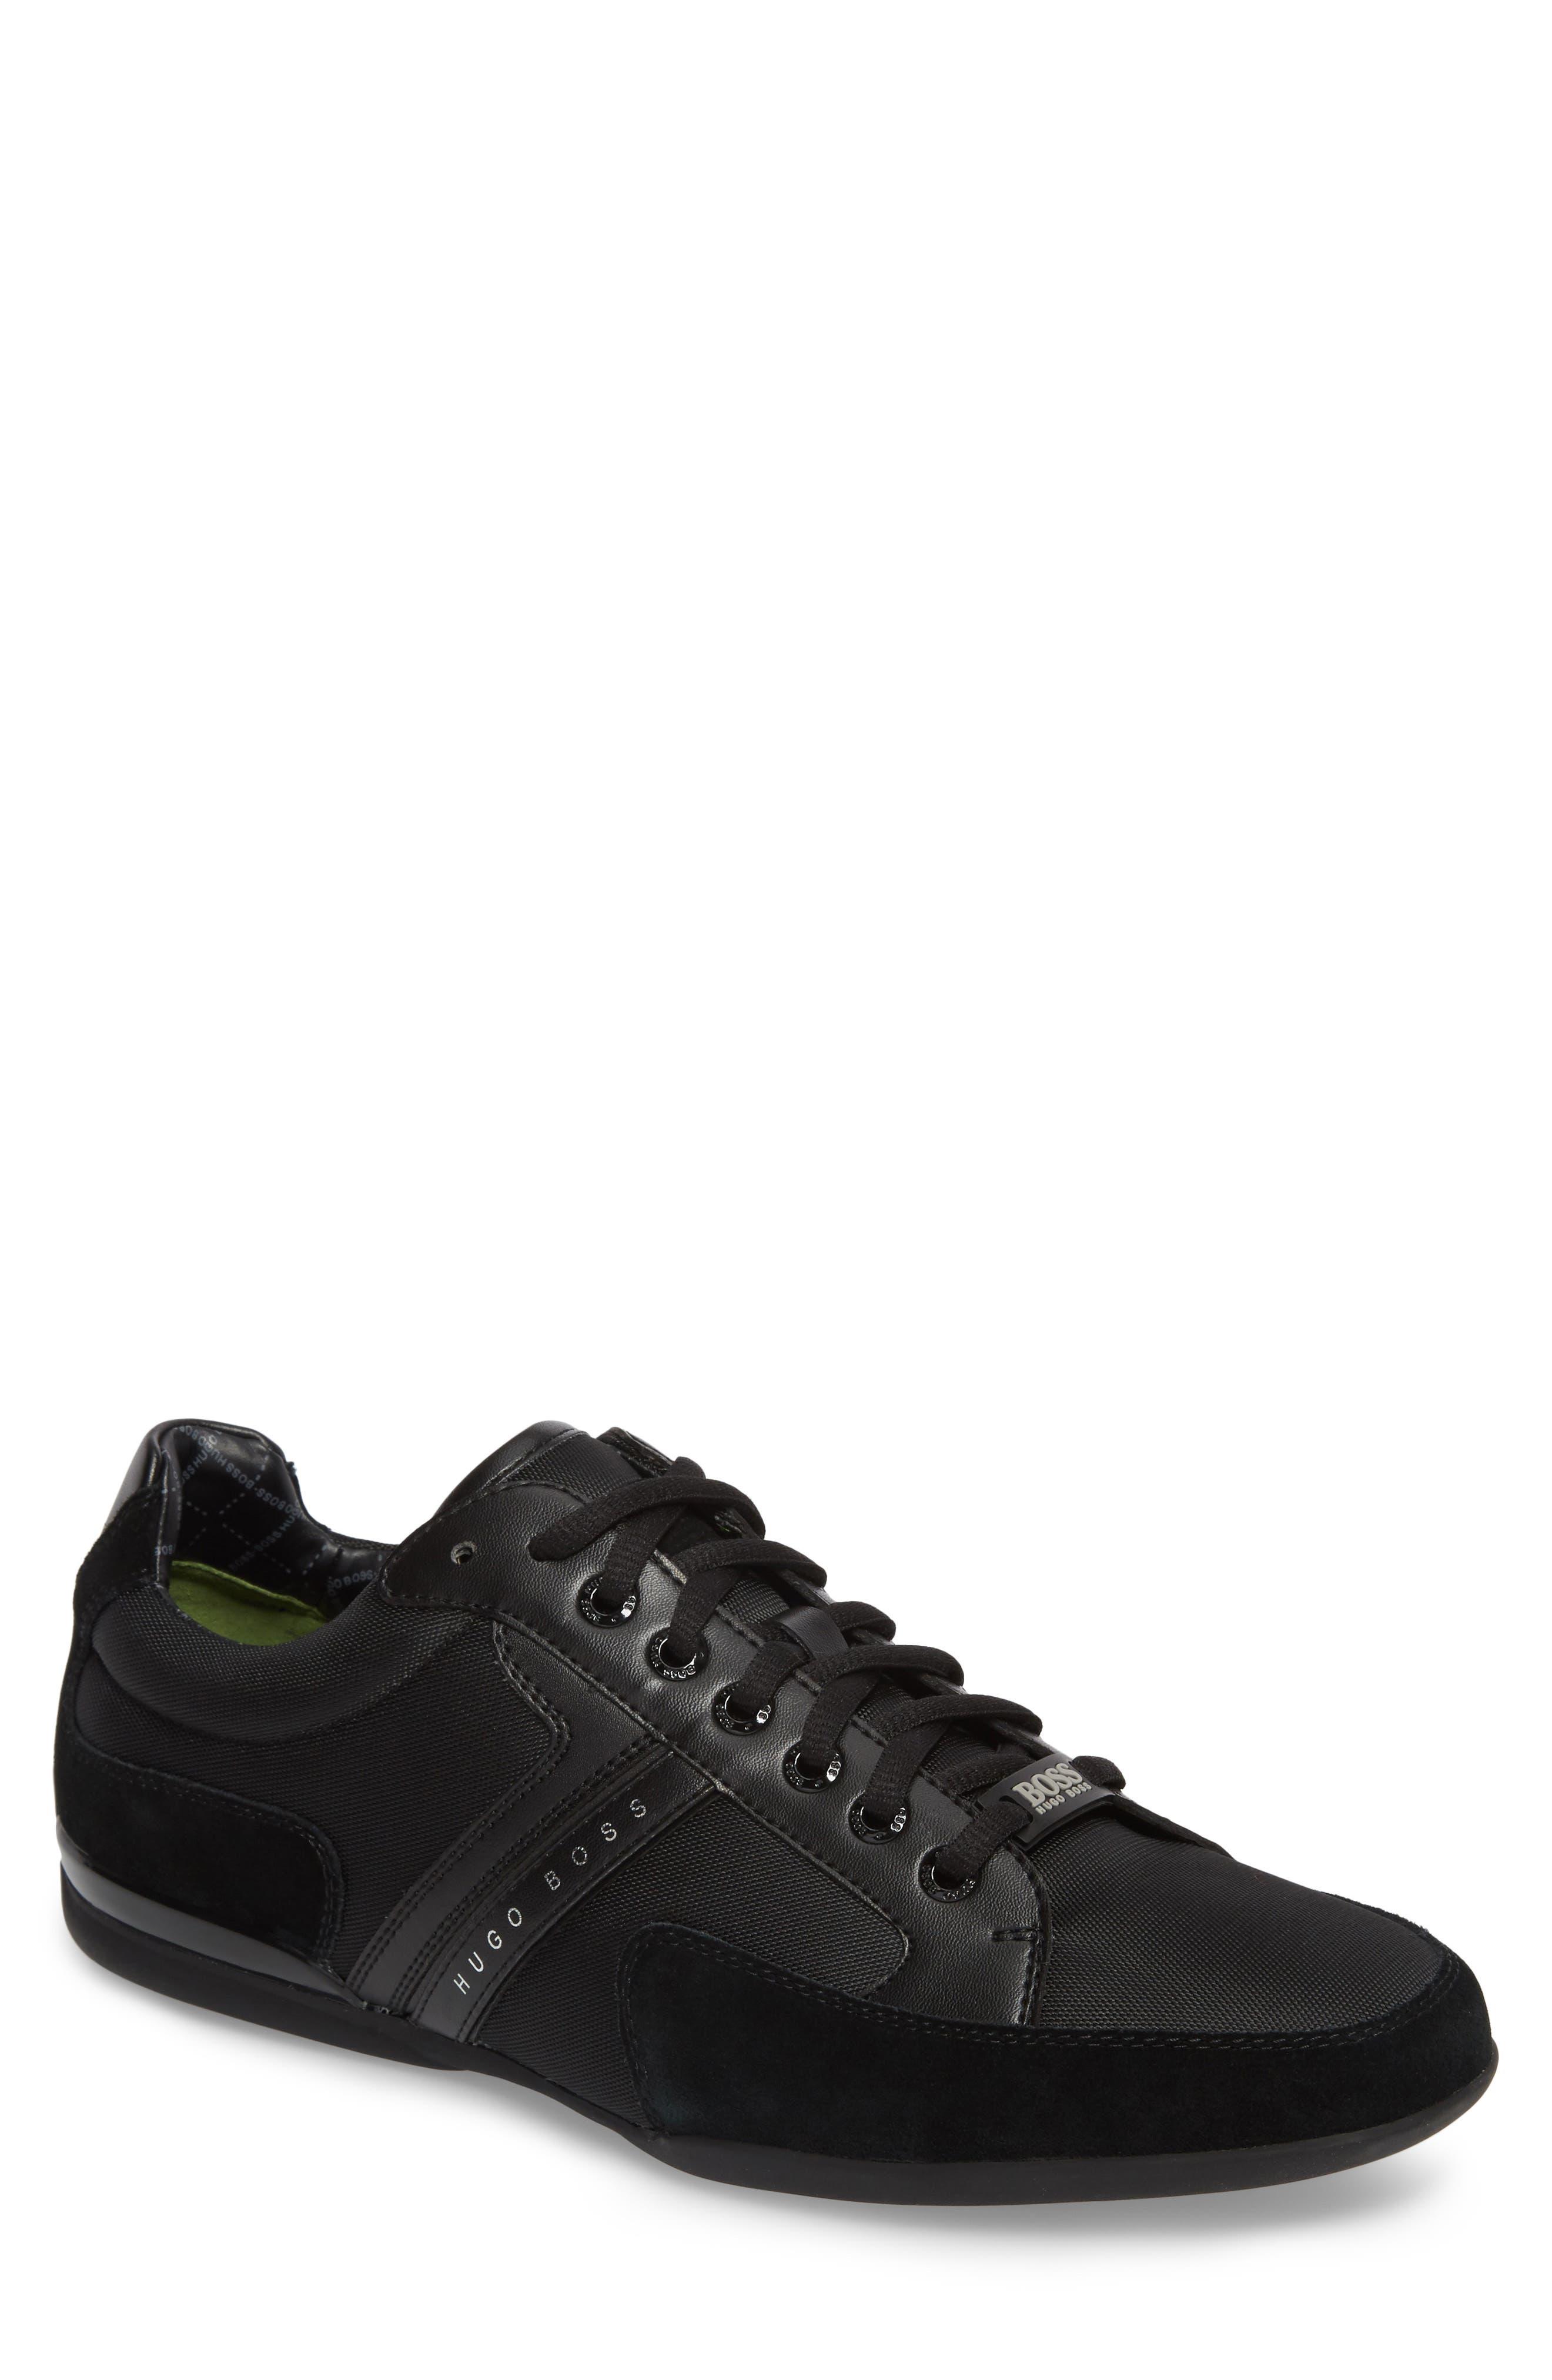 Hugo Boss Sneaker (Men)